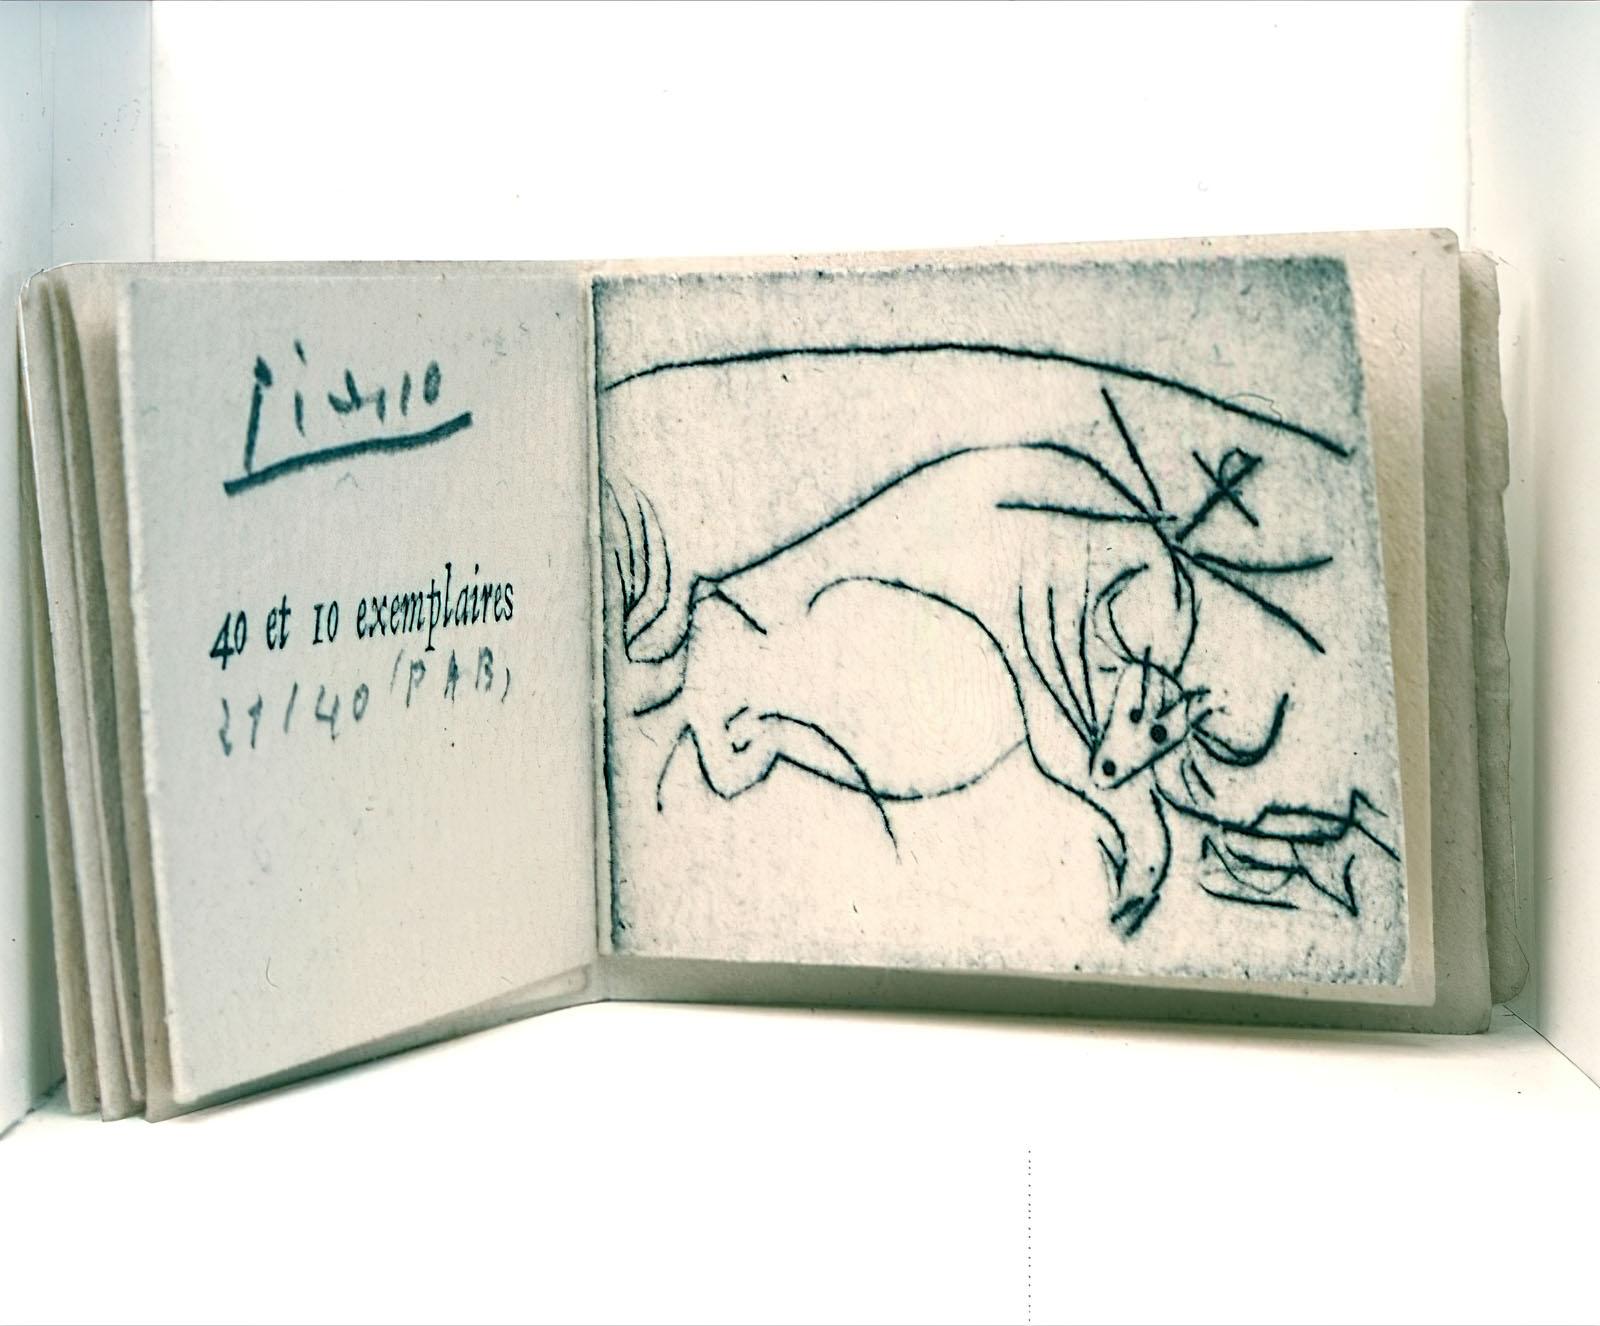 Pablo Picasso - Meurs (P.A.Benoit